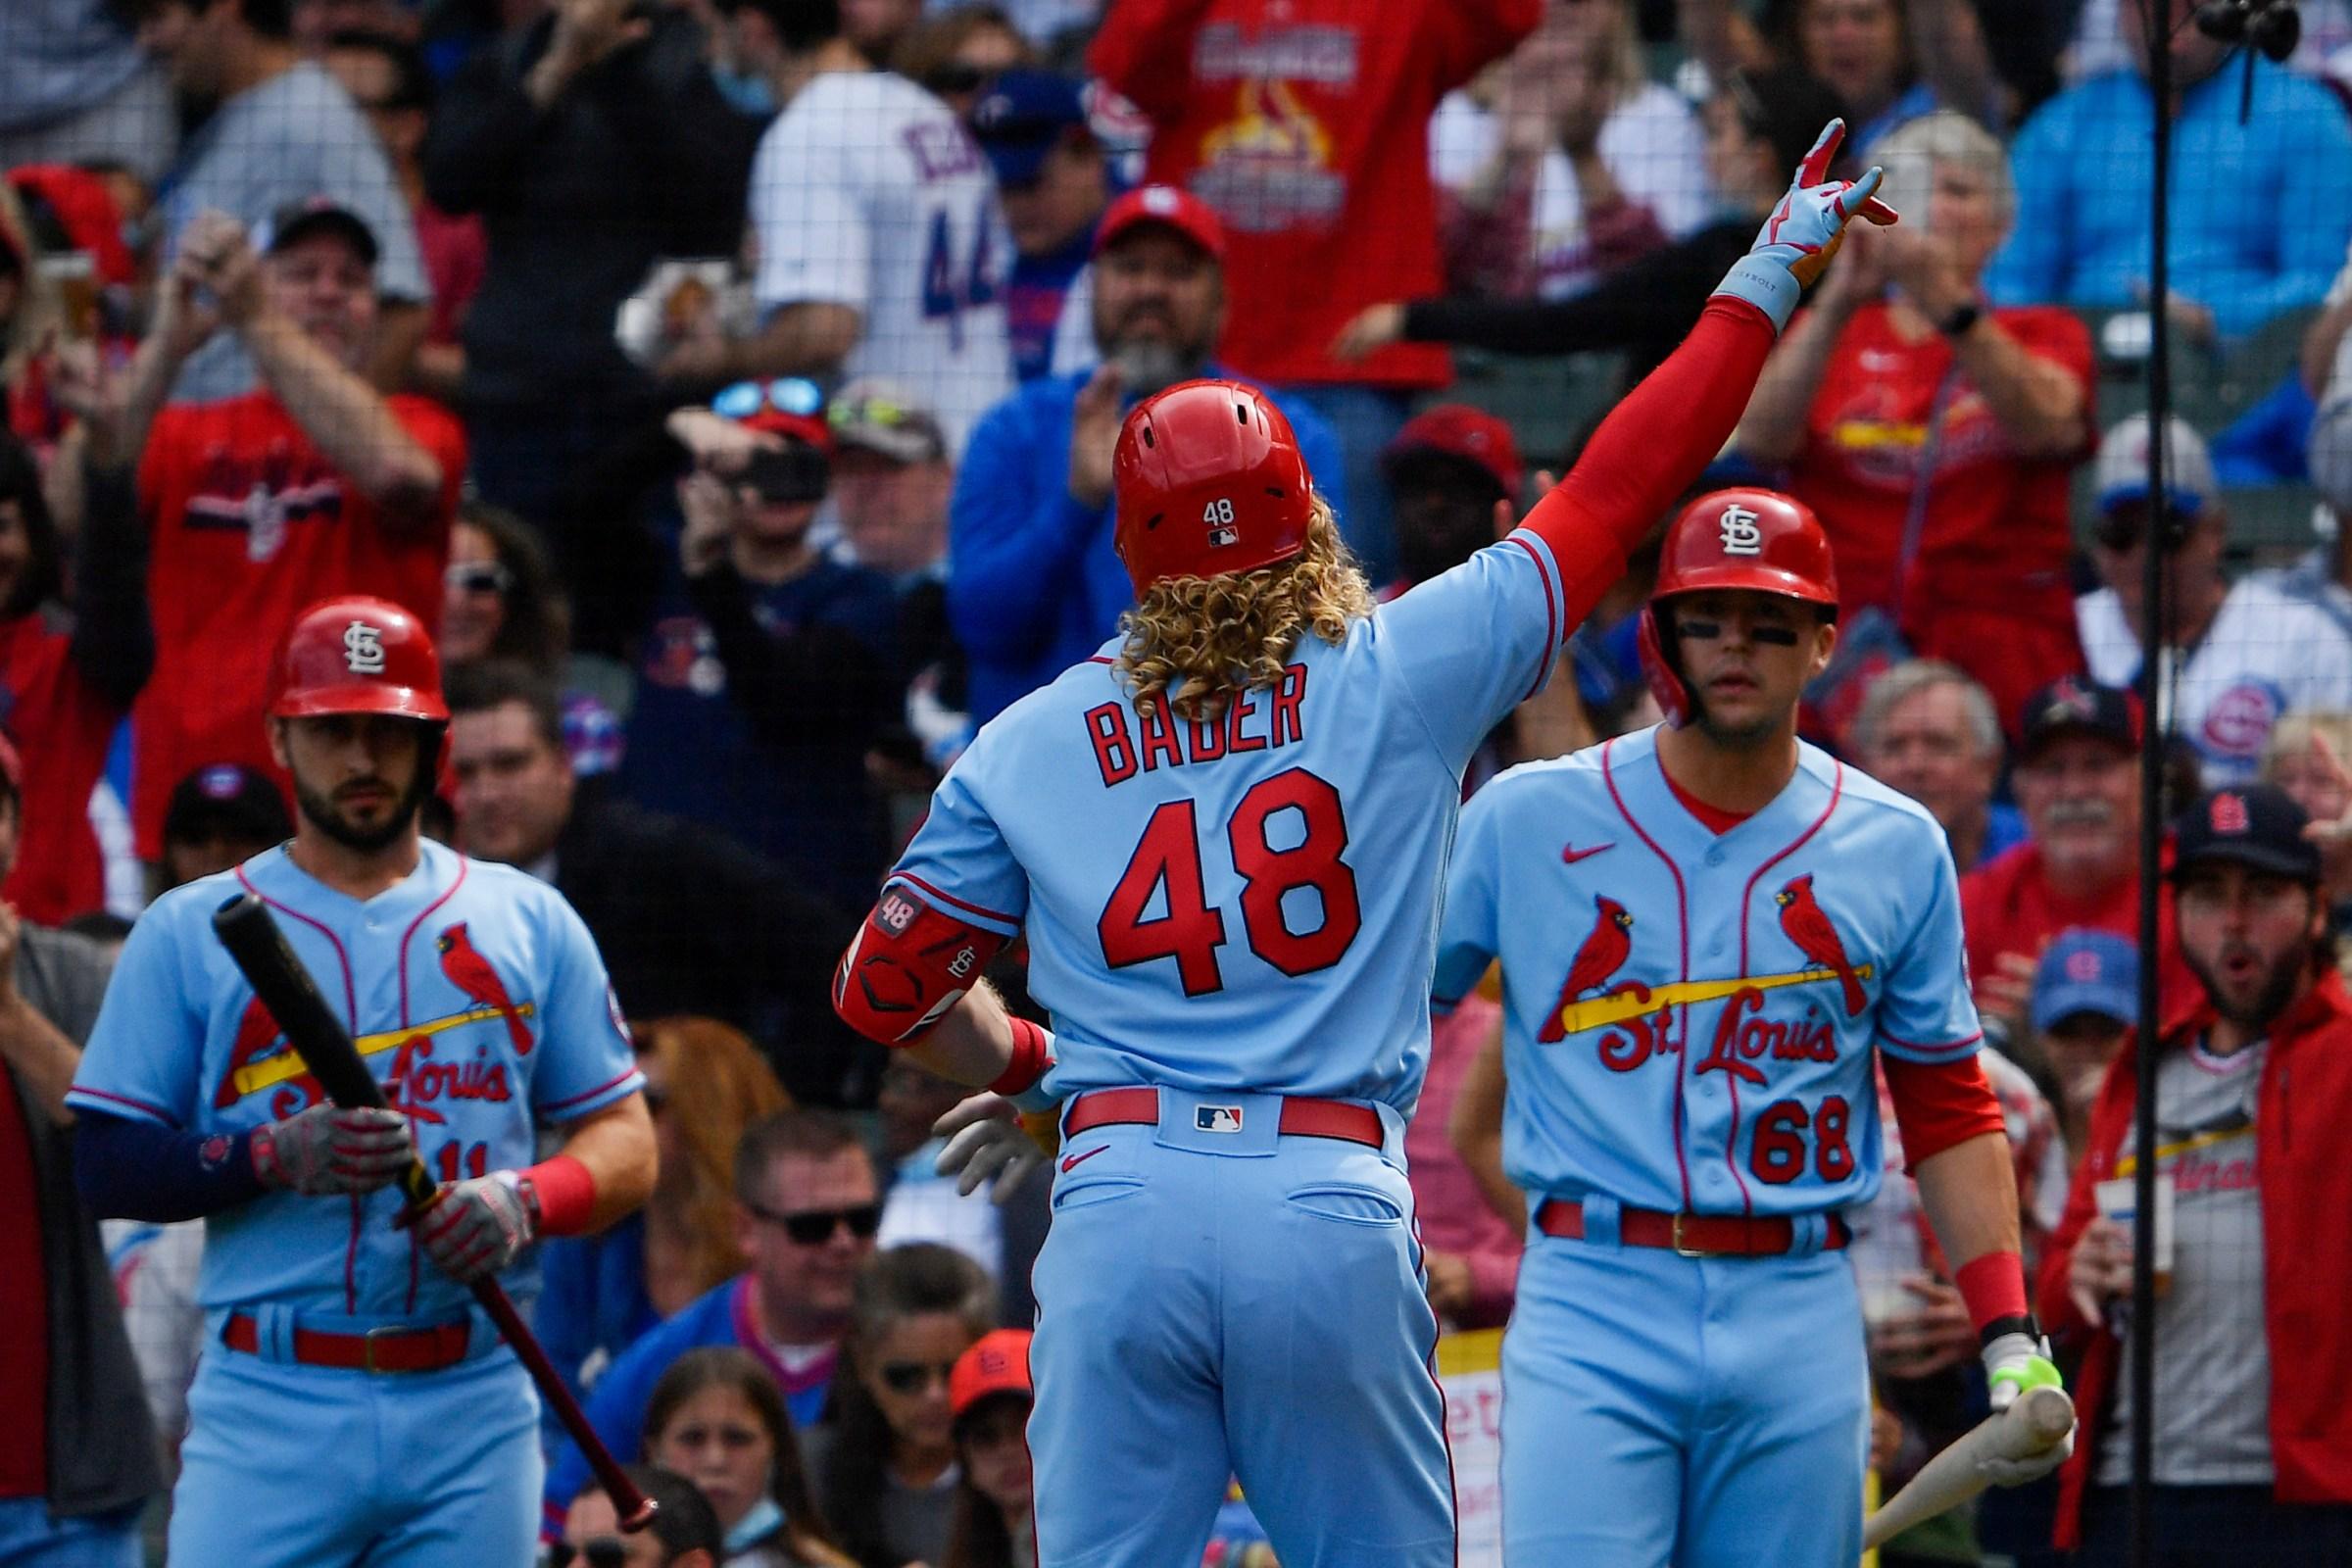 The Cardinals do some celebrating.